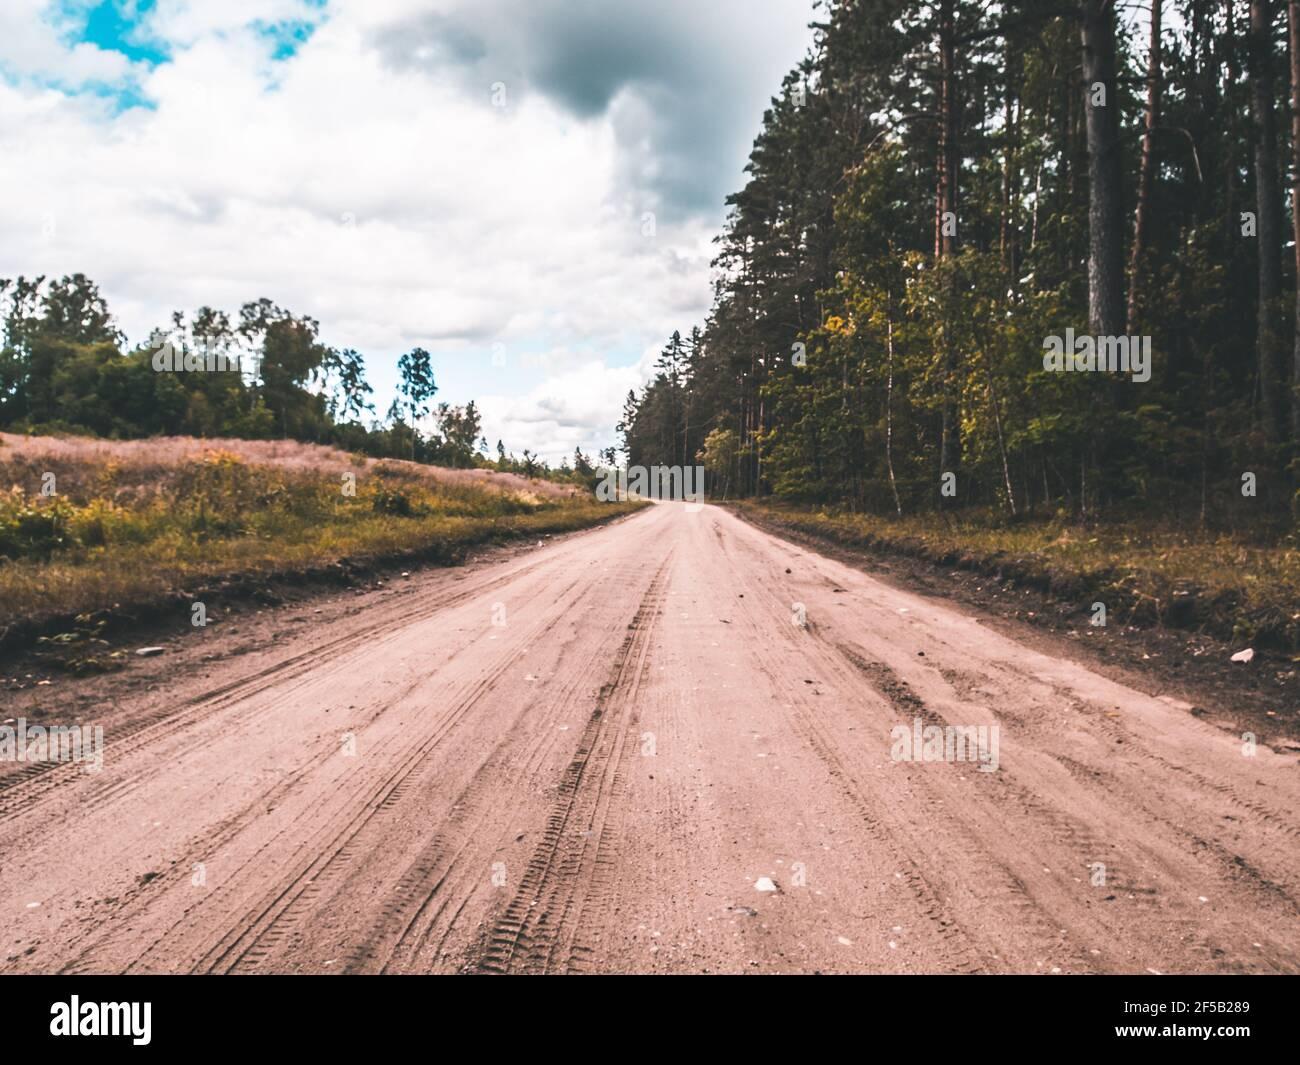 Verano Country Road con árboles junto al concepto Foto de stock